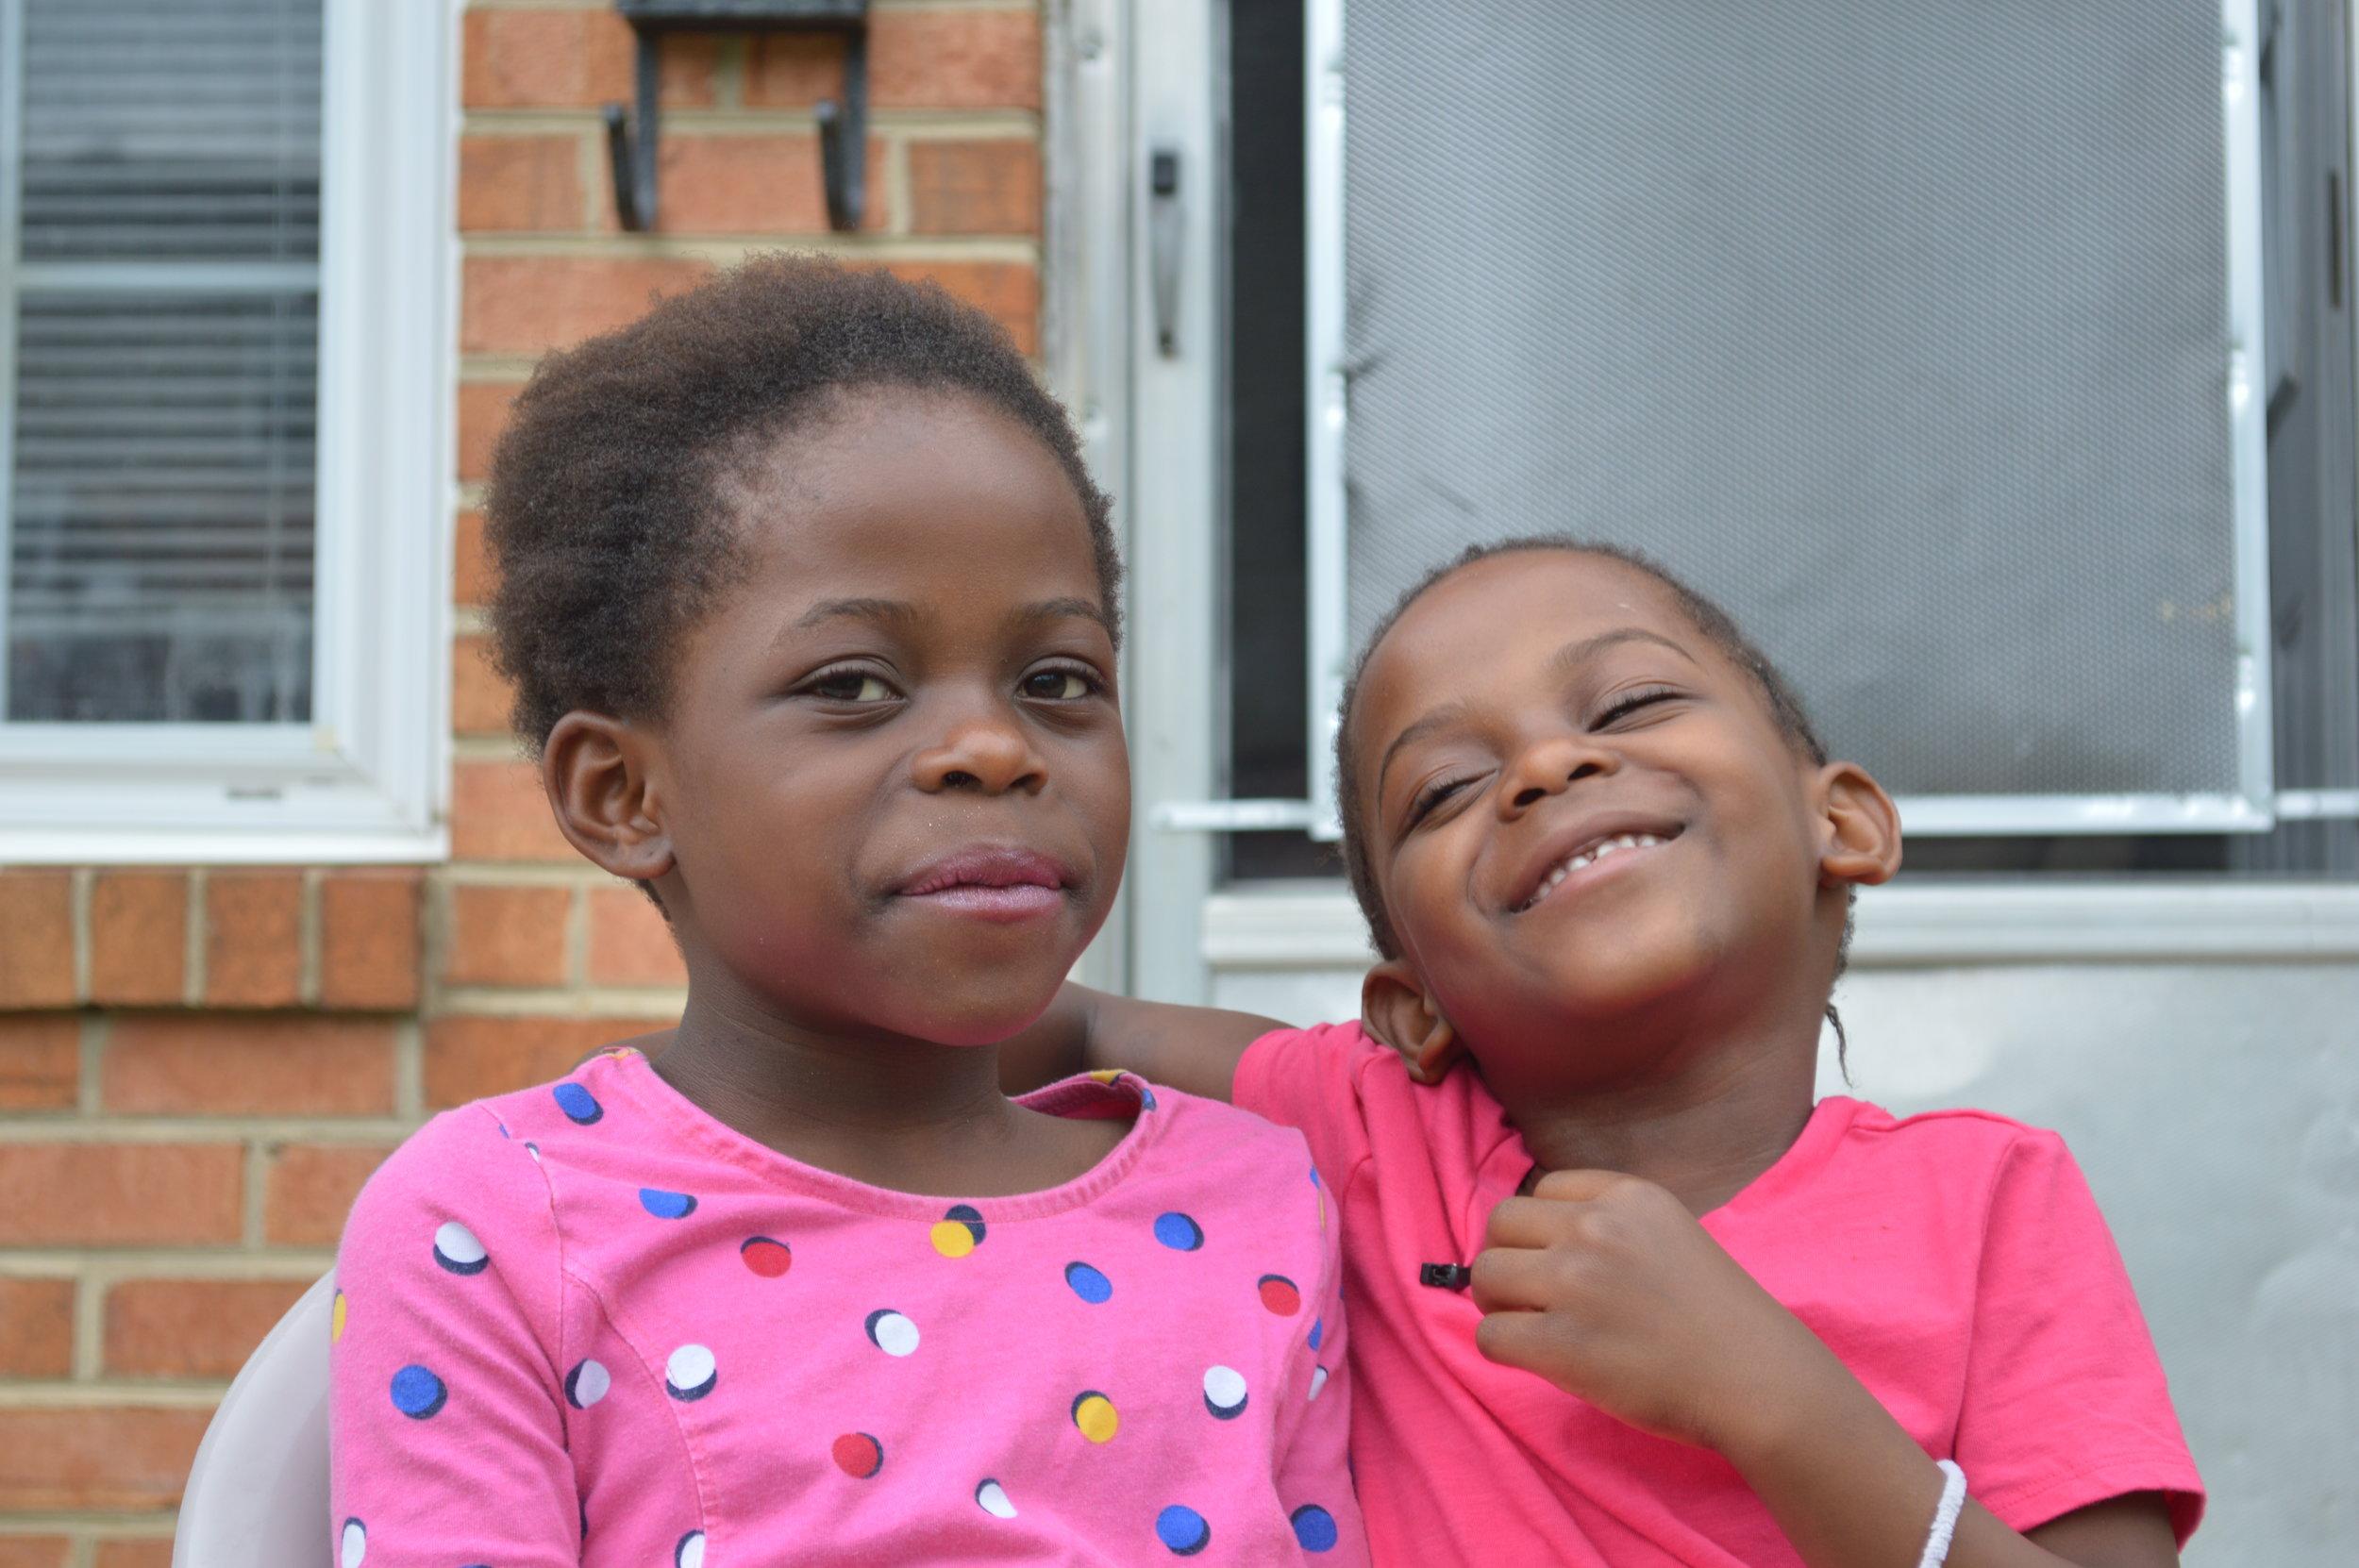 Neema, 8, and Hasha, 6